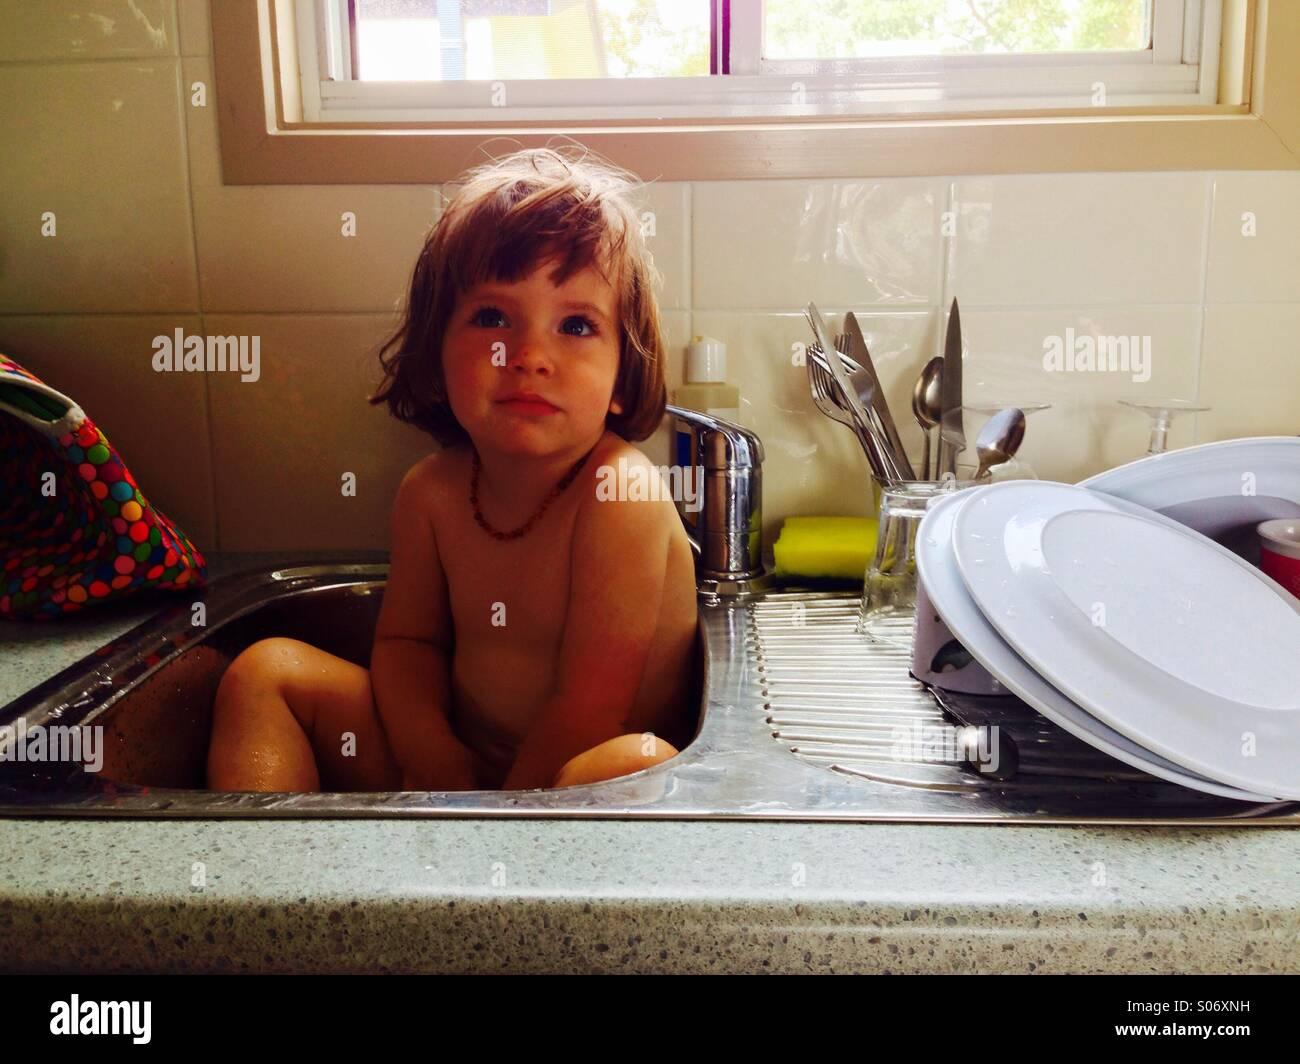 El tiempo del baño en el fregadero de la cocina Imagen De Stock